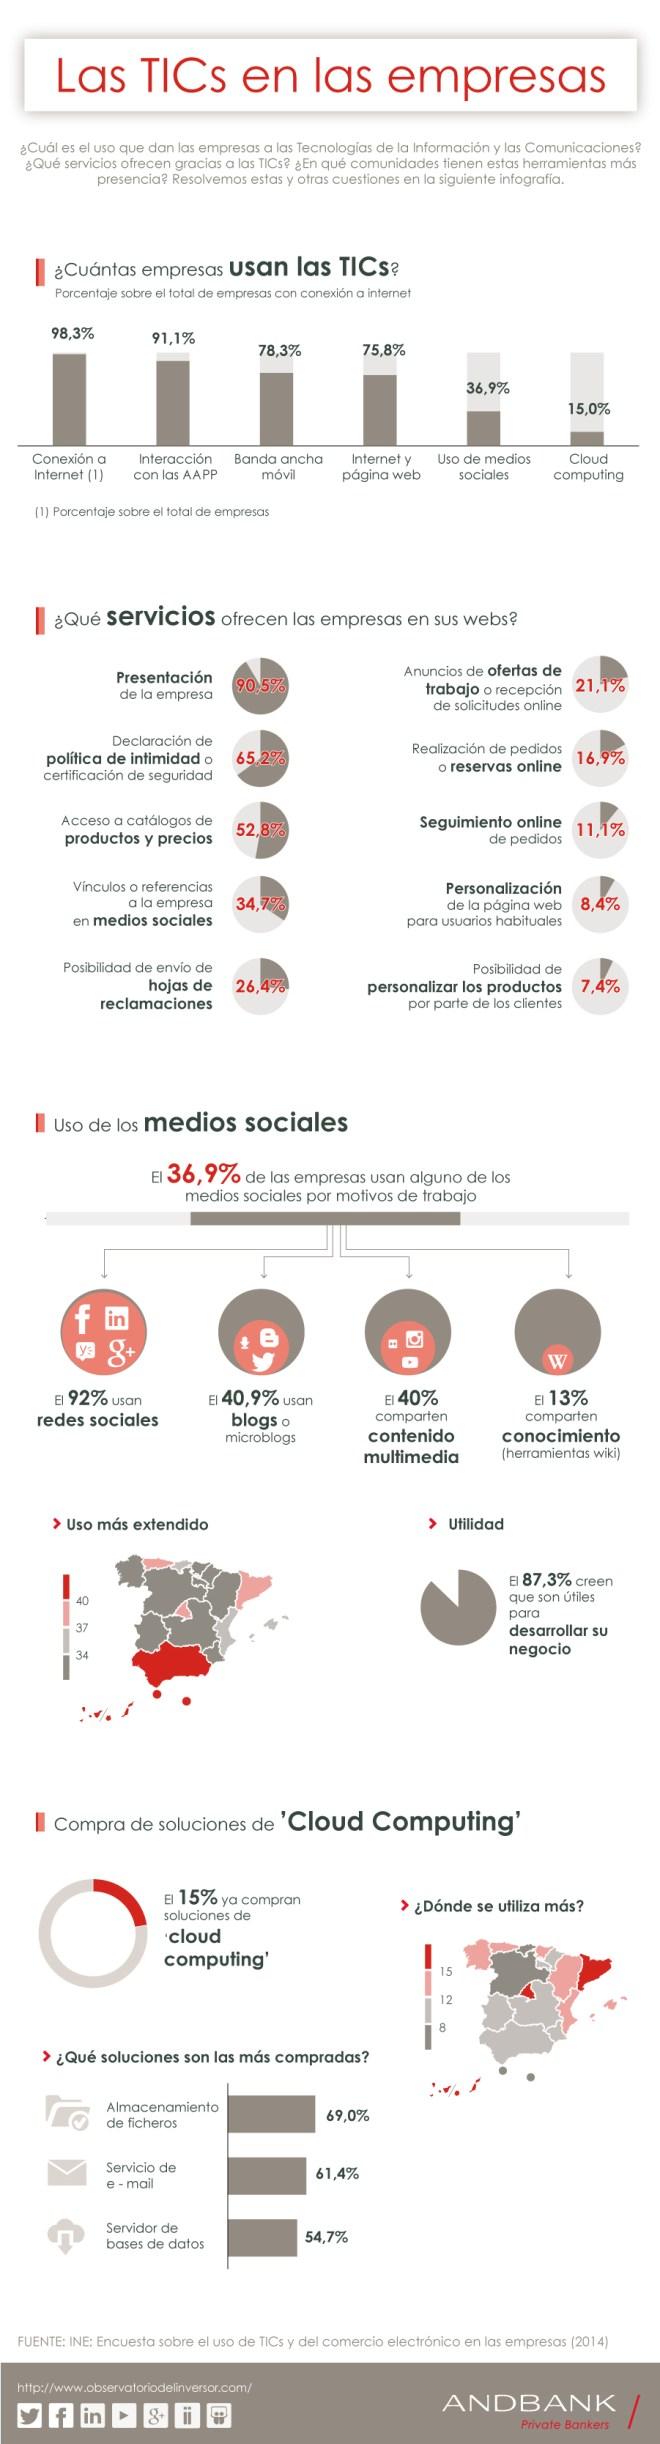 Cómo usan las TICs las empresas en España